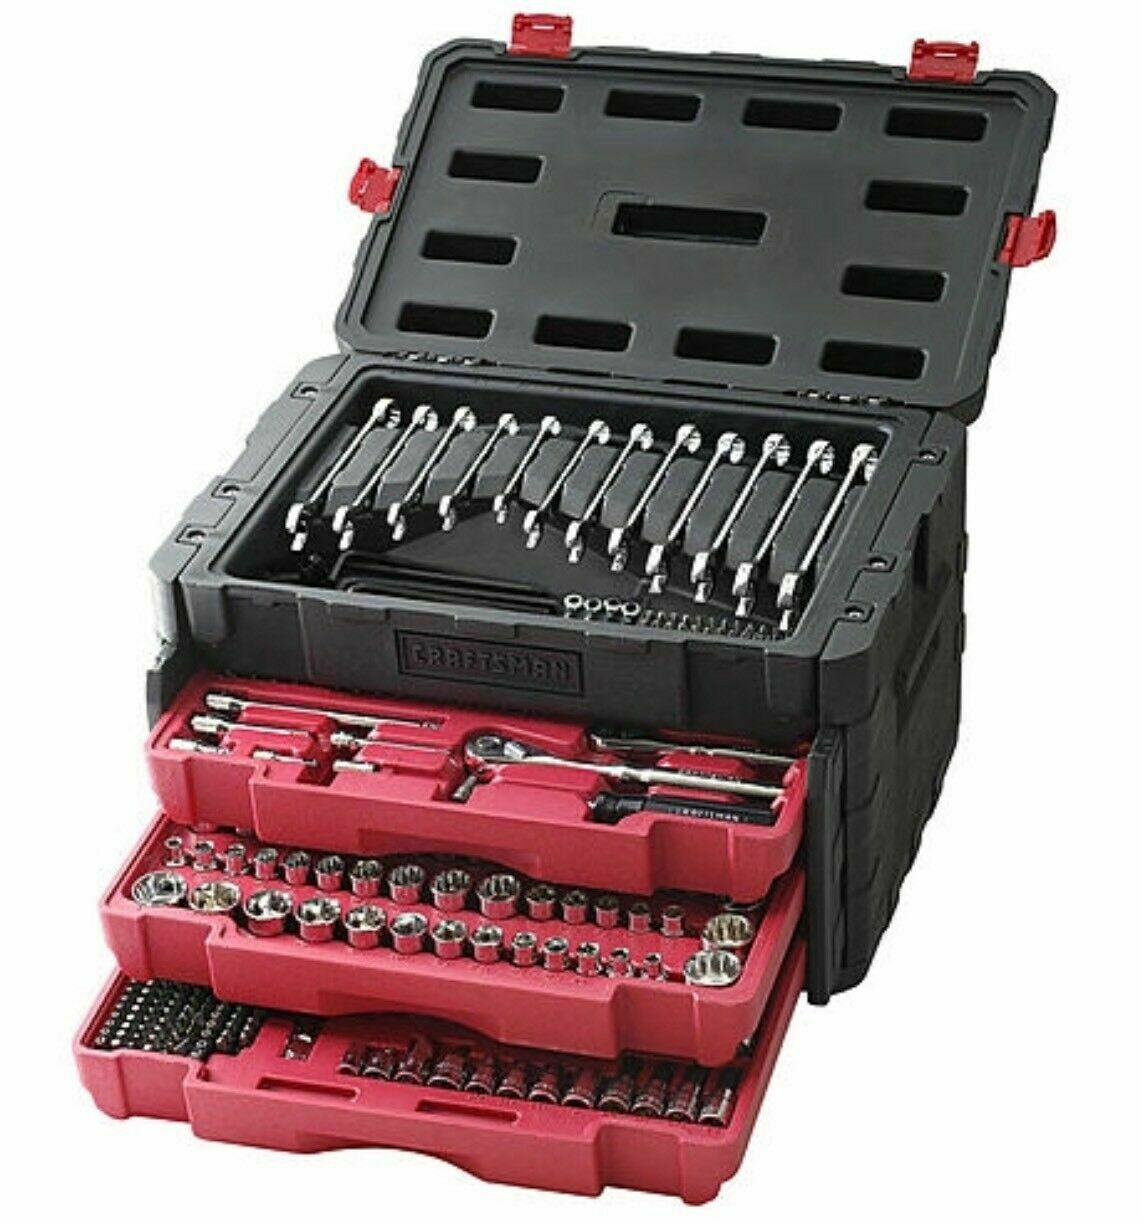 Craftsman 981080001 Mechanics Tool Set - 450 Piece